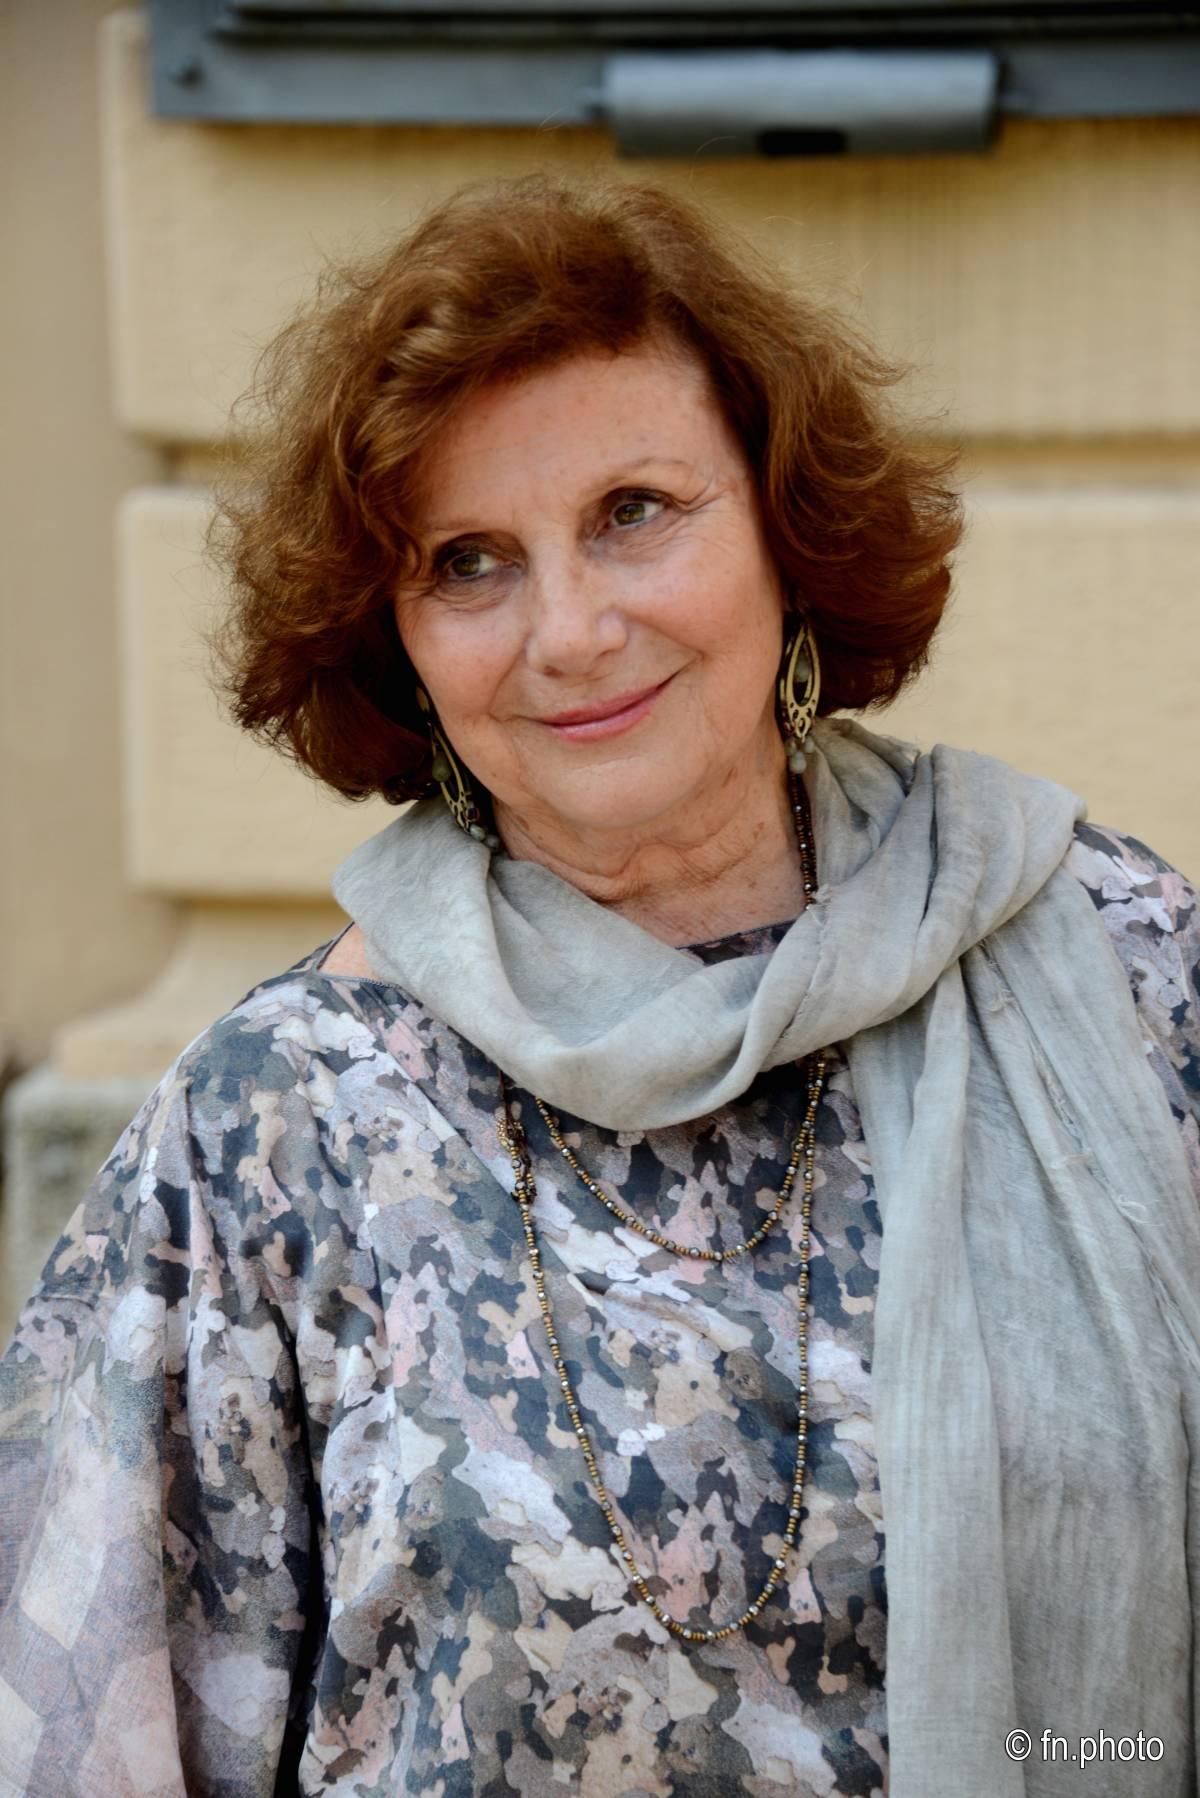 Gianna Martinengo, ideatrice del Premio (@ fn.photo)